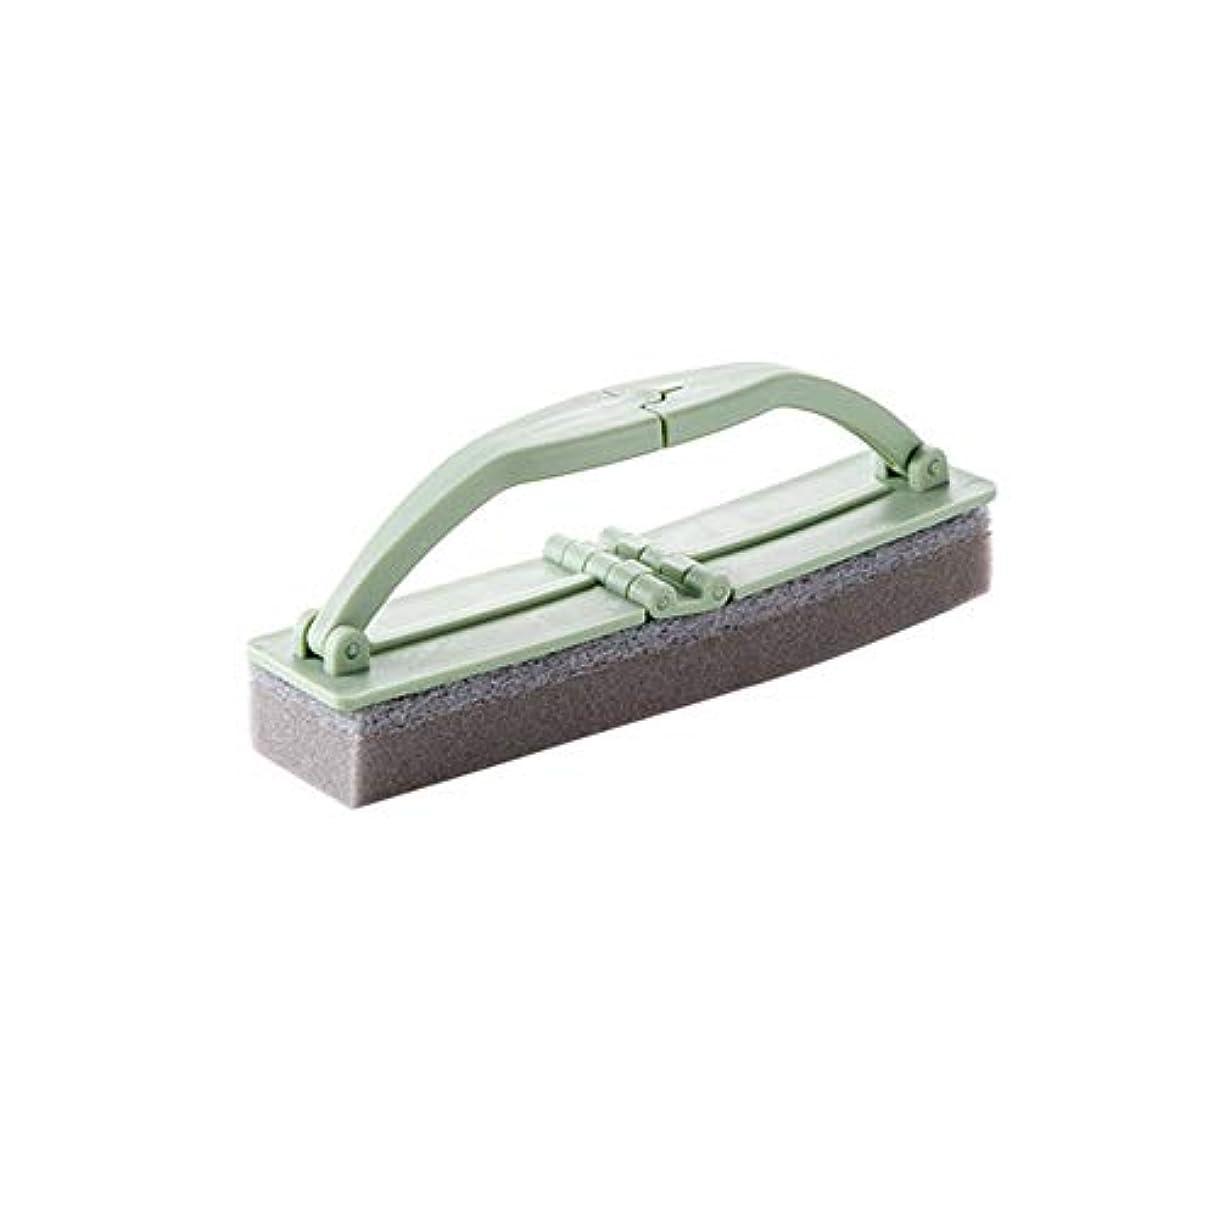 遠足思いつく靴ポアクリーニング 折りたたみ式の浴室スポンジハンドル付き強力な汚染除去タイルクリーニングスポンジブラシ2 PCS マッサージブラシ (色 : 緑)